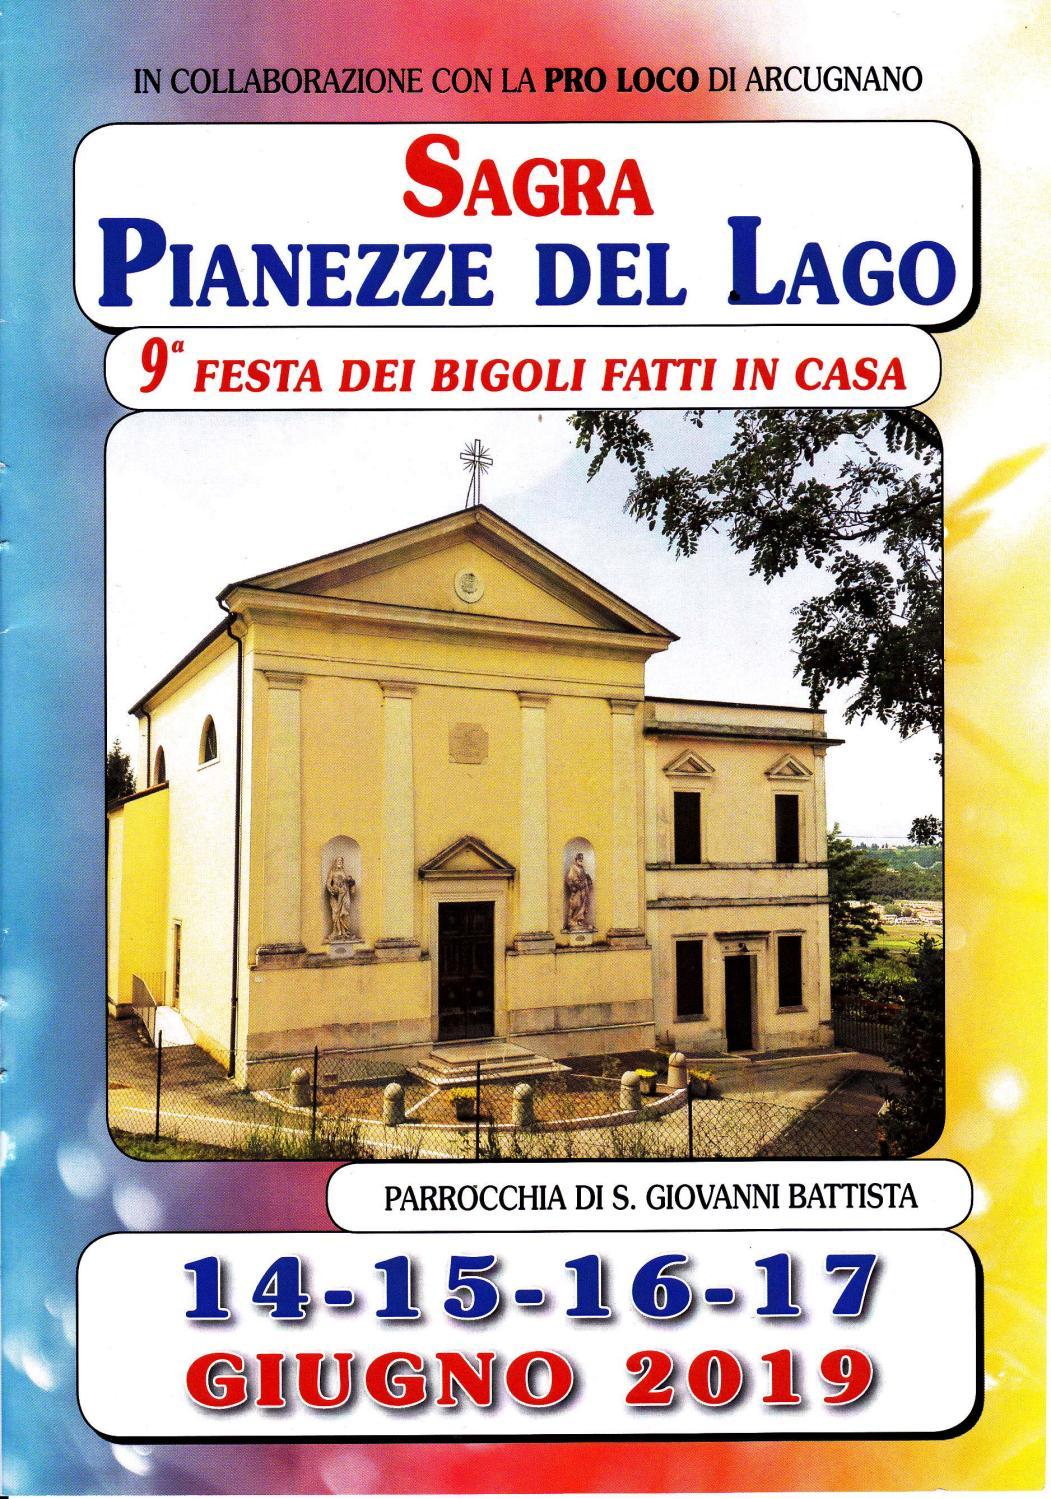 Comune Di Arcugnano Concorsi libretto sagra pianezze 2019 by pro loco arcugnano - issuu